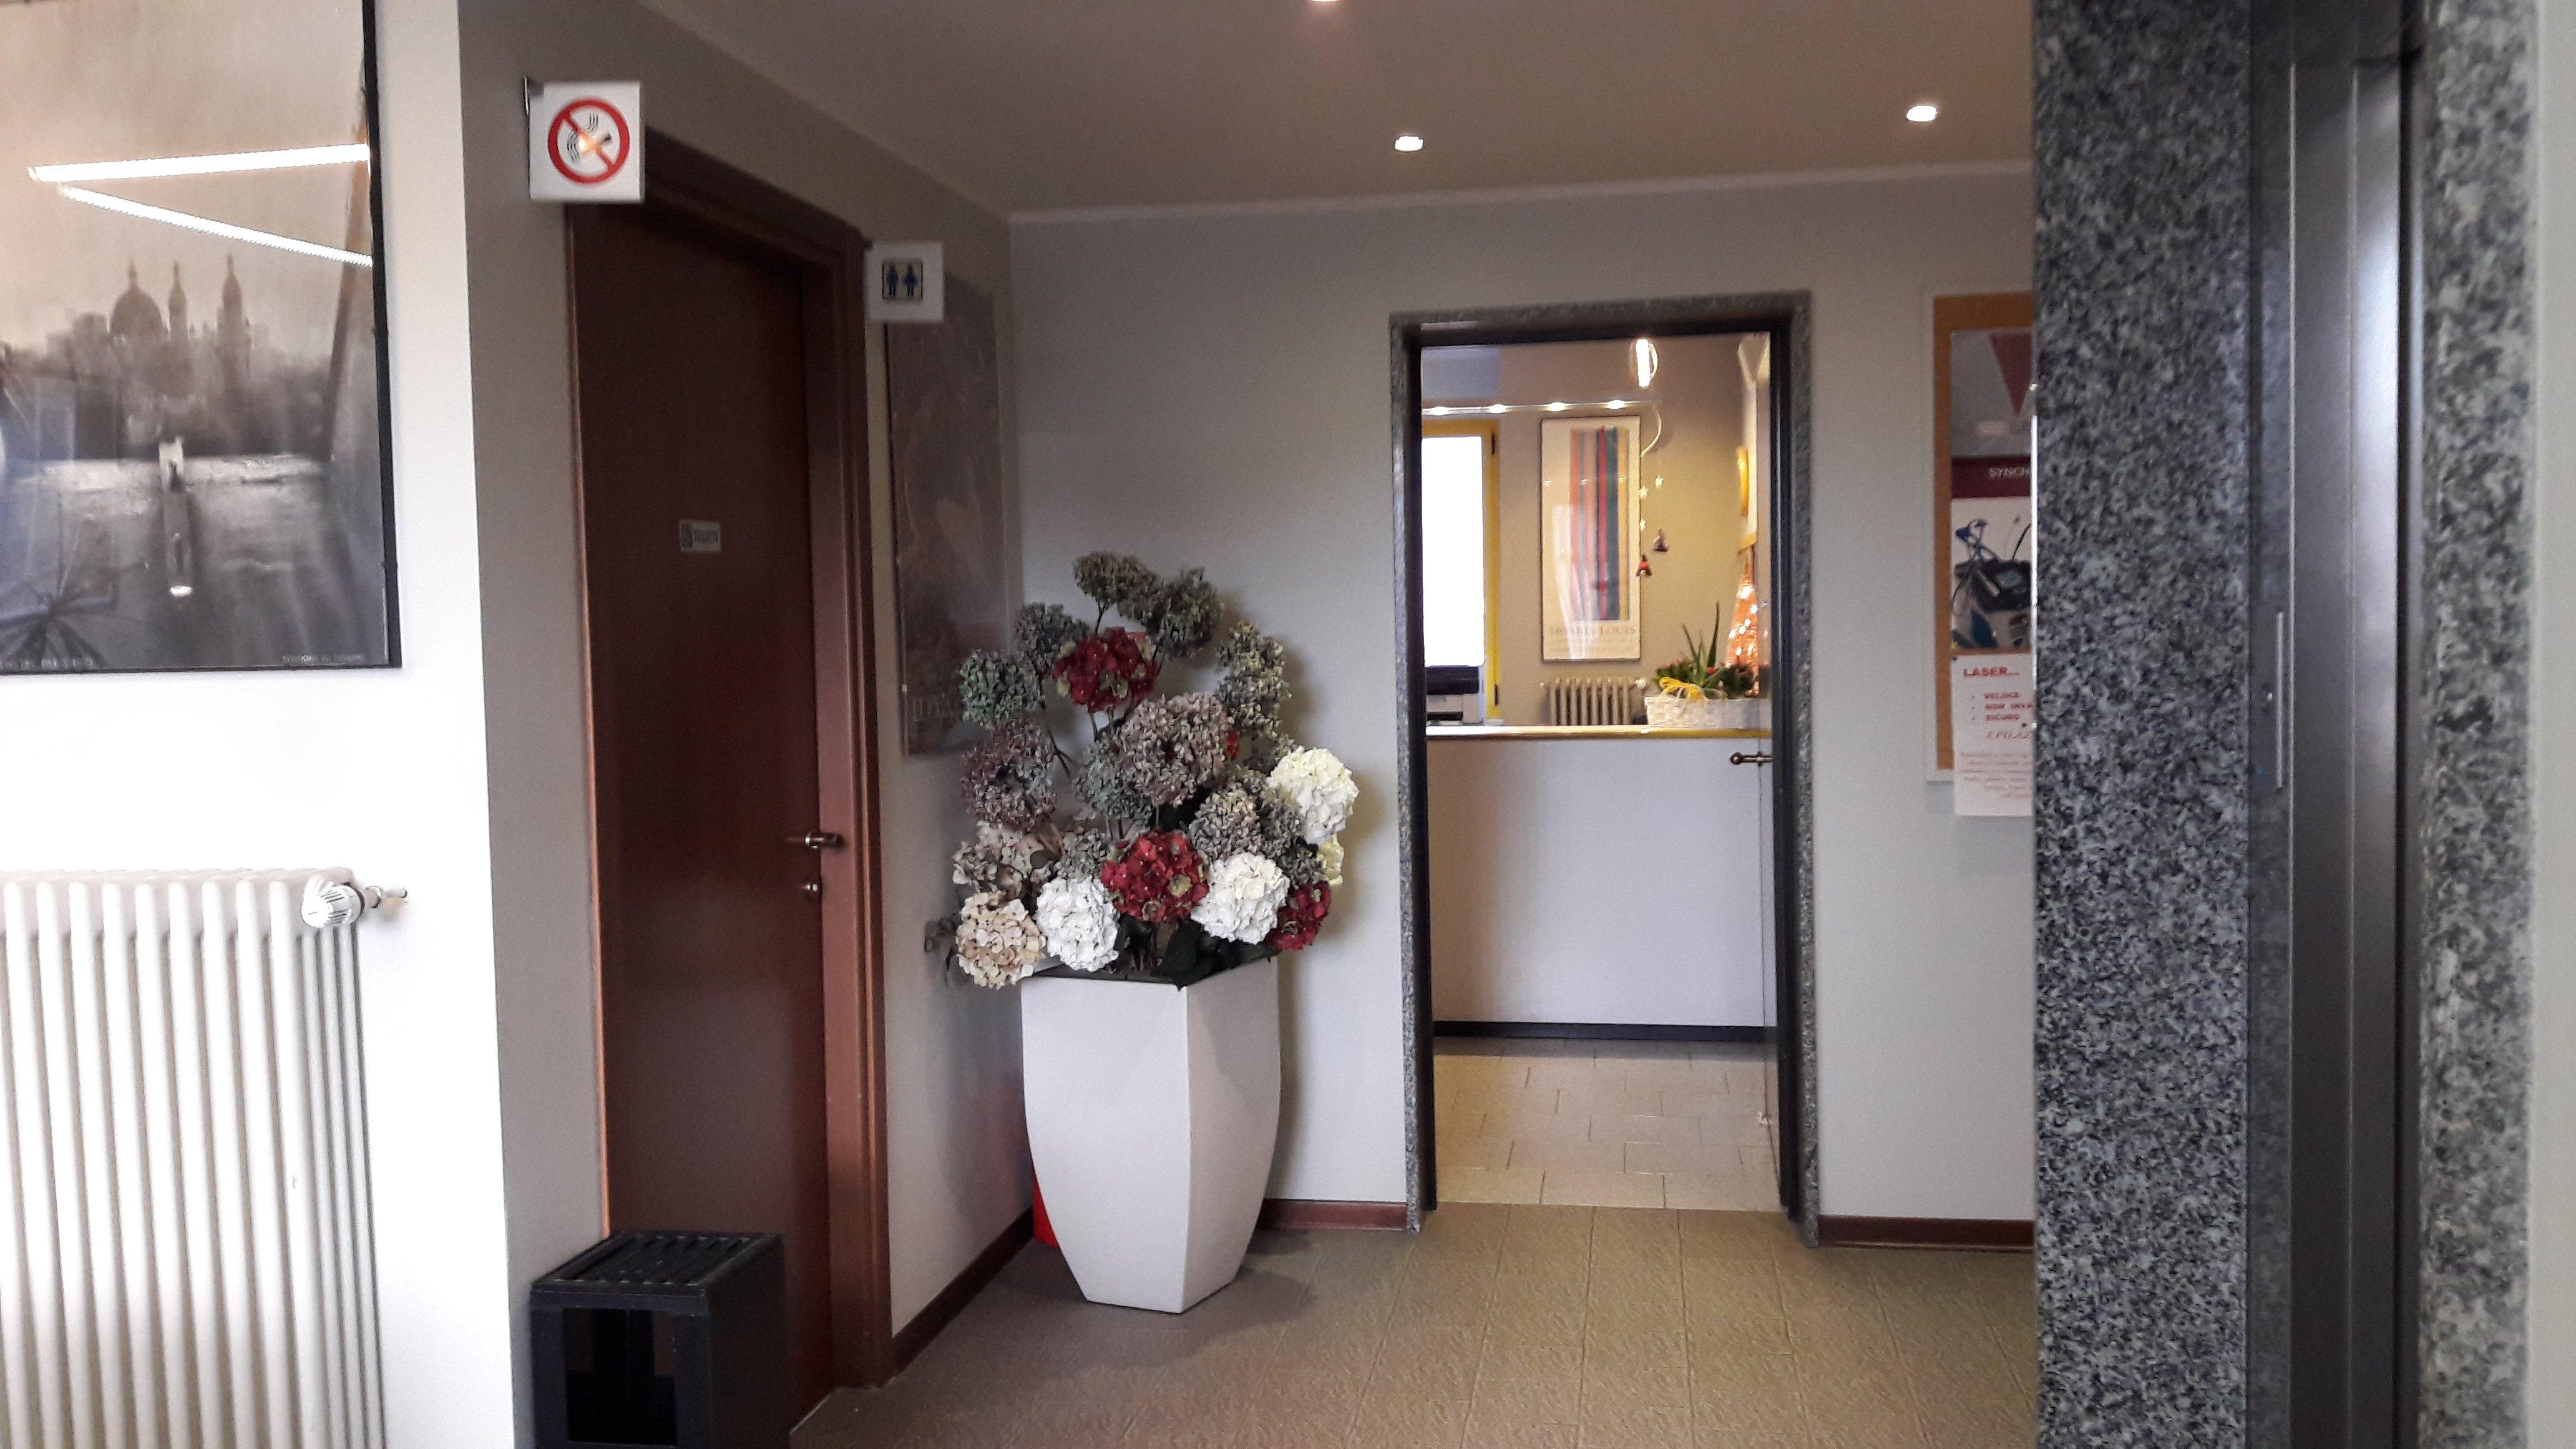 interno di un appartamento con una stanza e un bancone